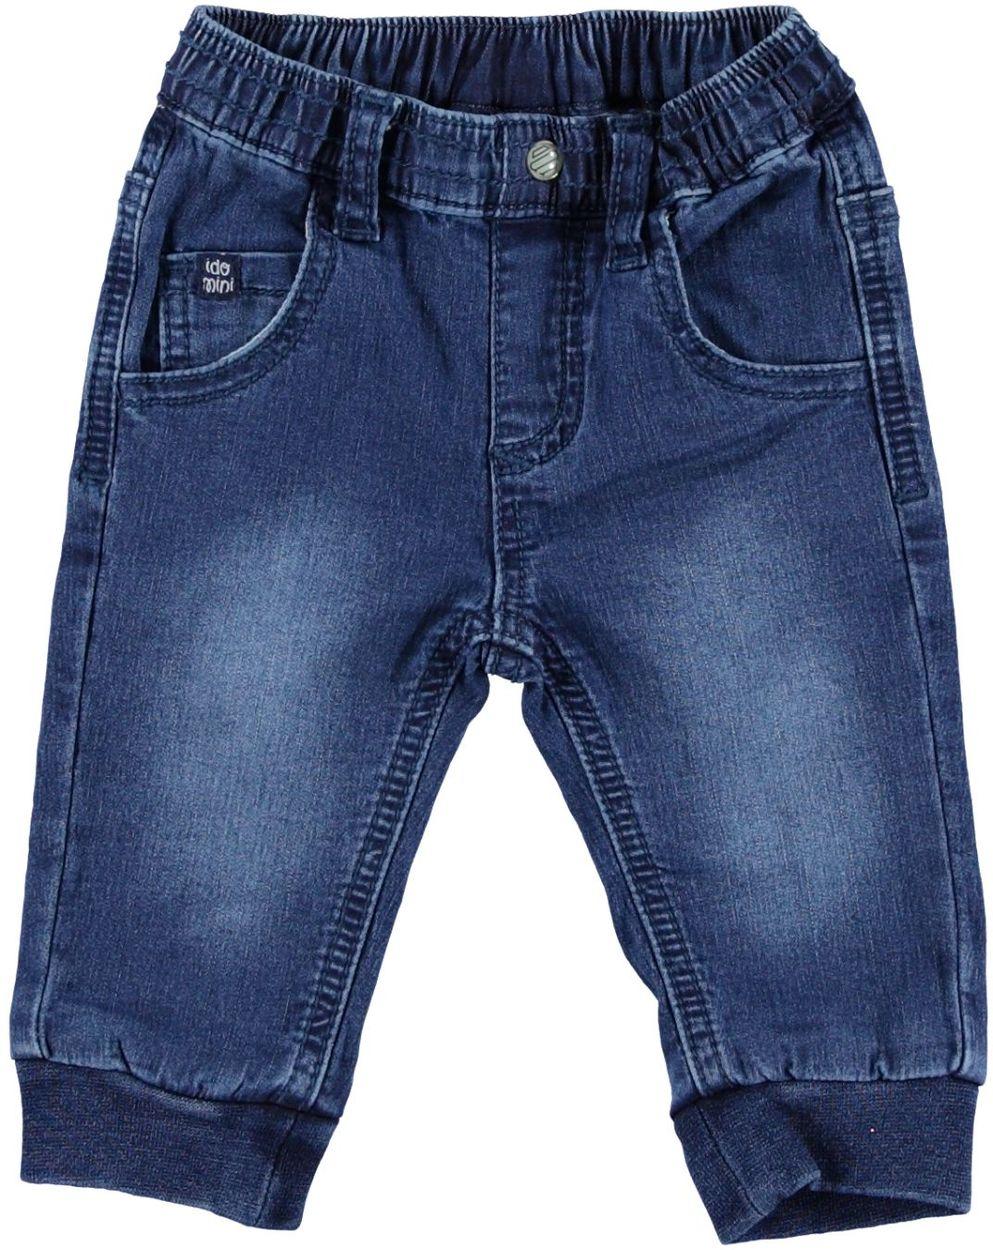 chic classico grandi affari sulla moda ampia selezione Pantalone neonato in felpa di cotone effetto denim vestibilità da 0 a 18  mesi iDO